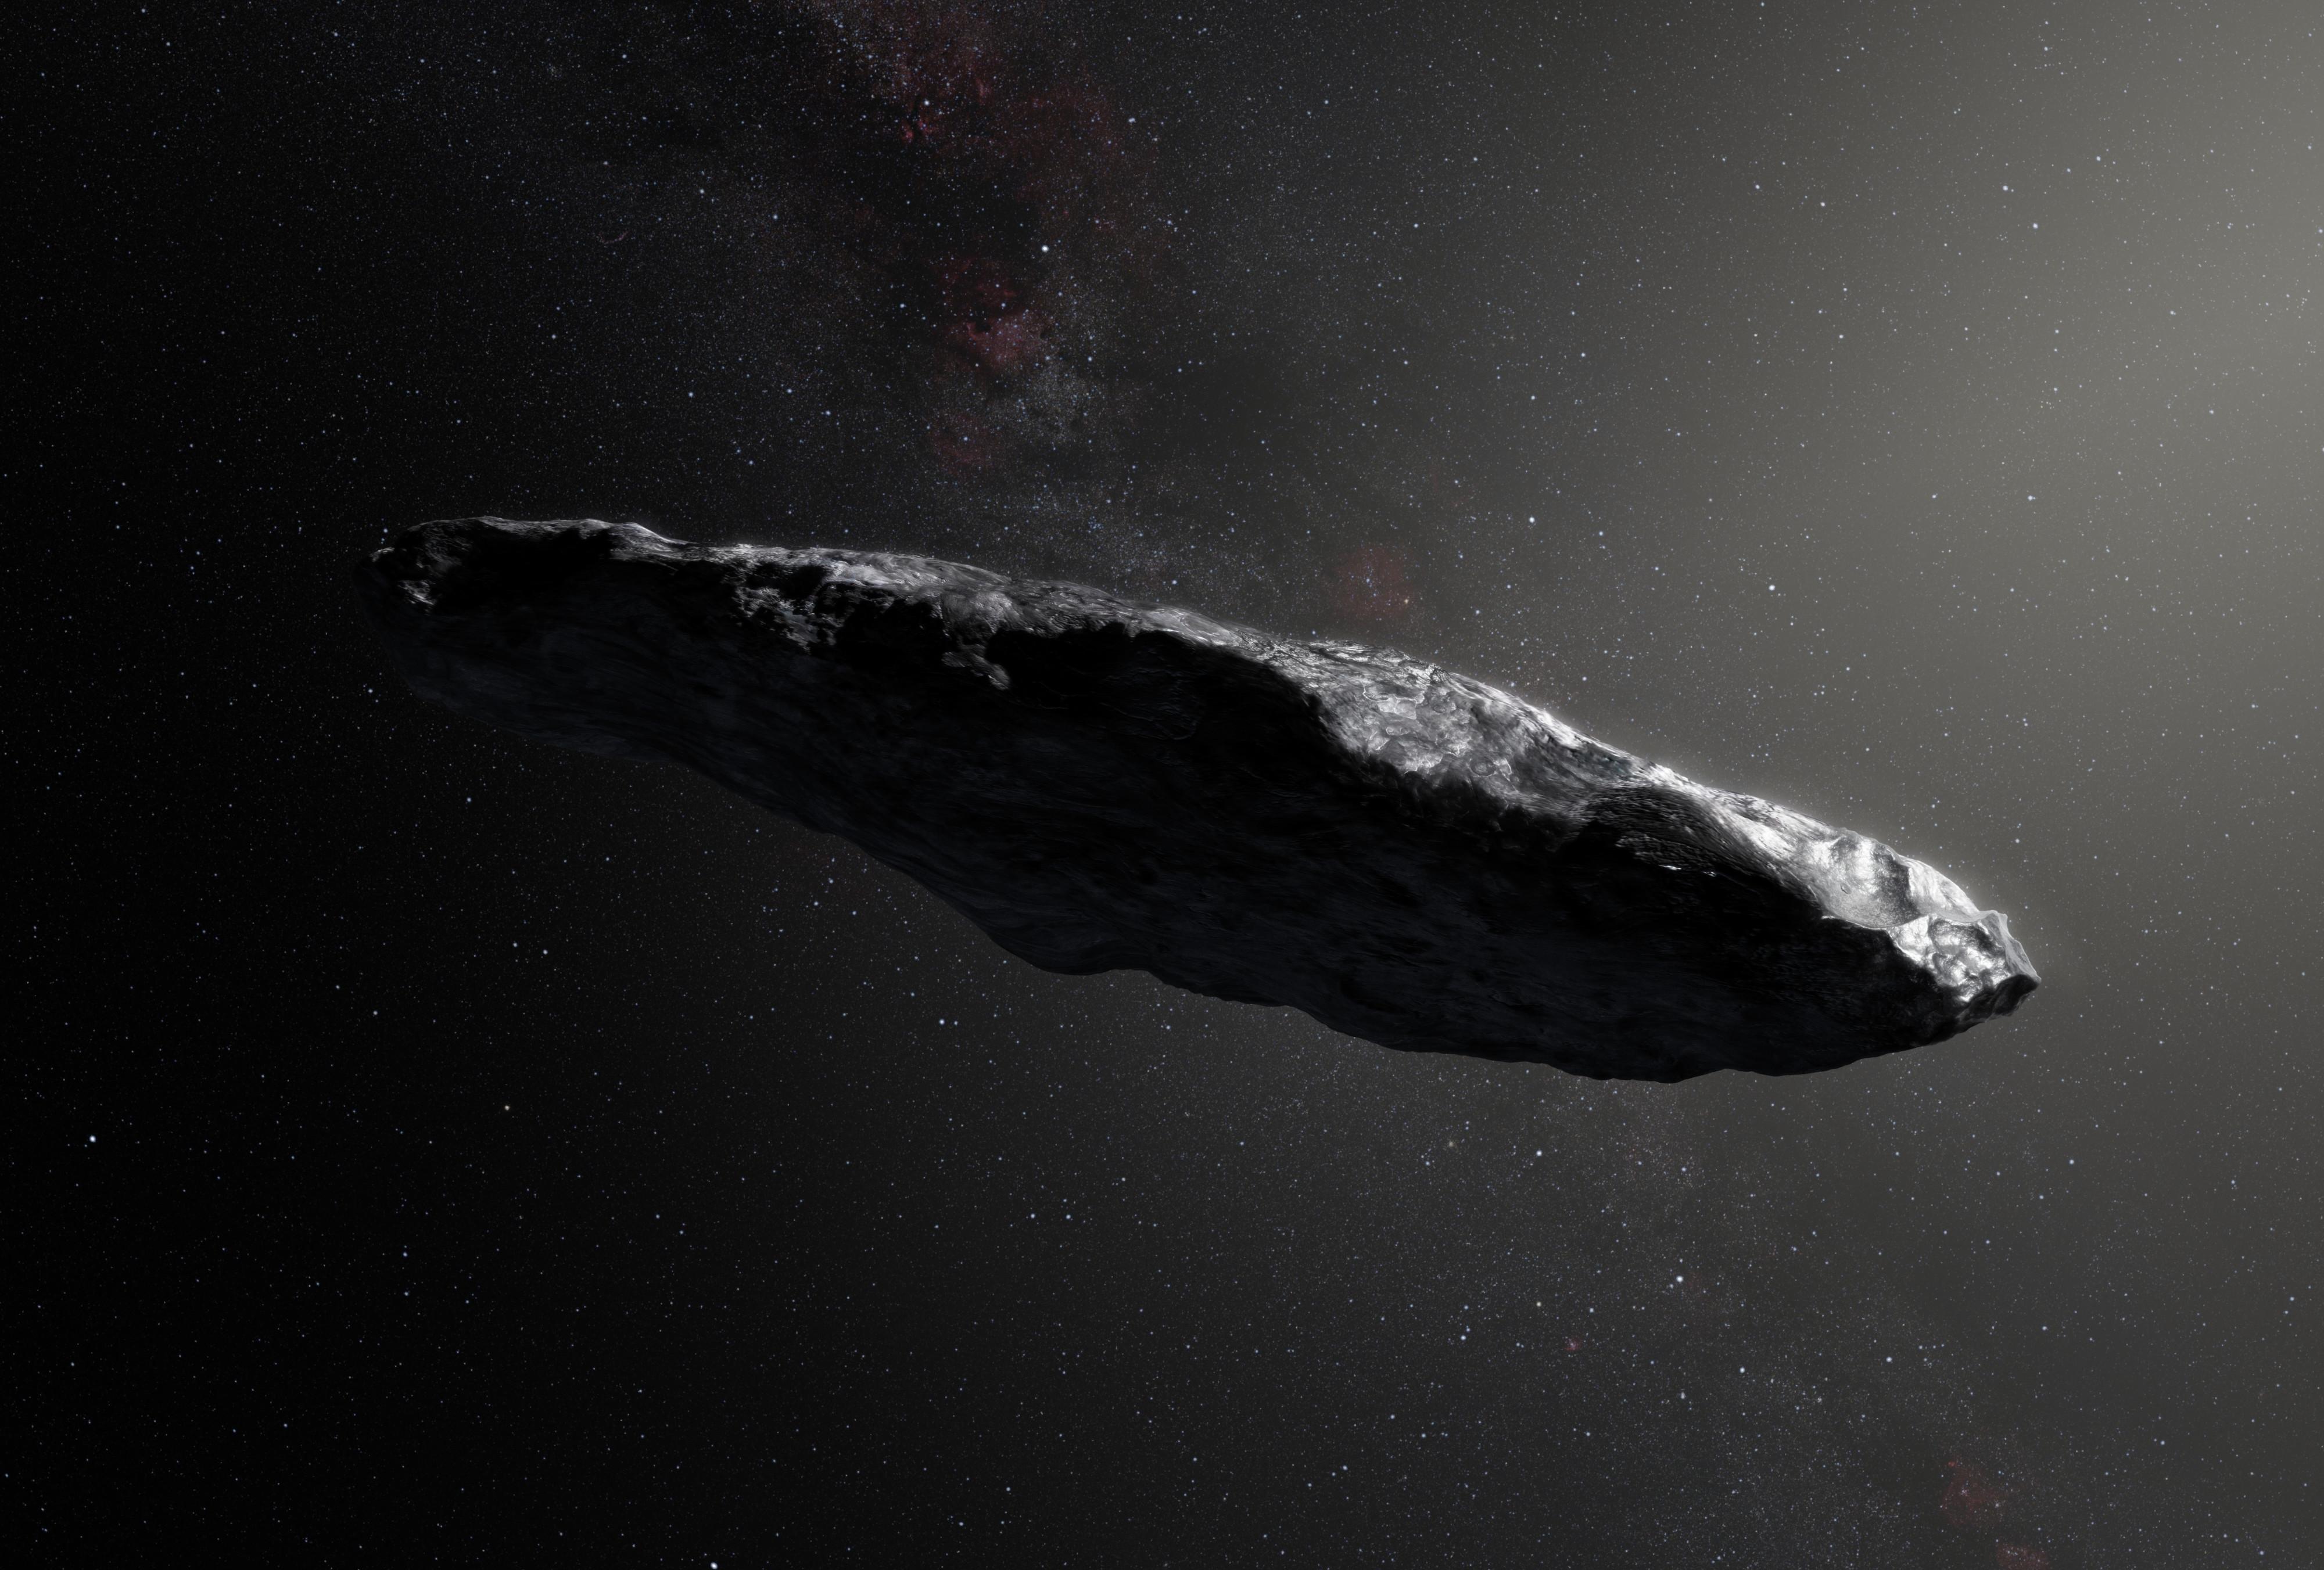 Oumuamua interstellar